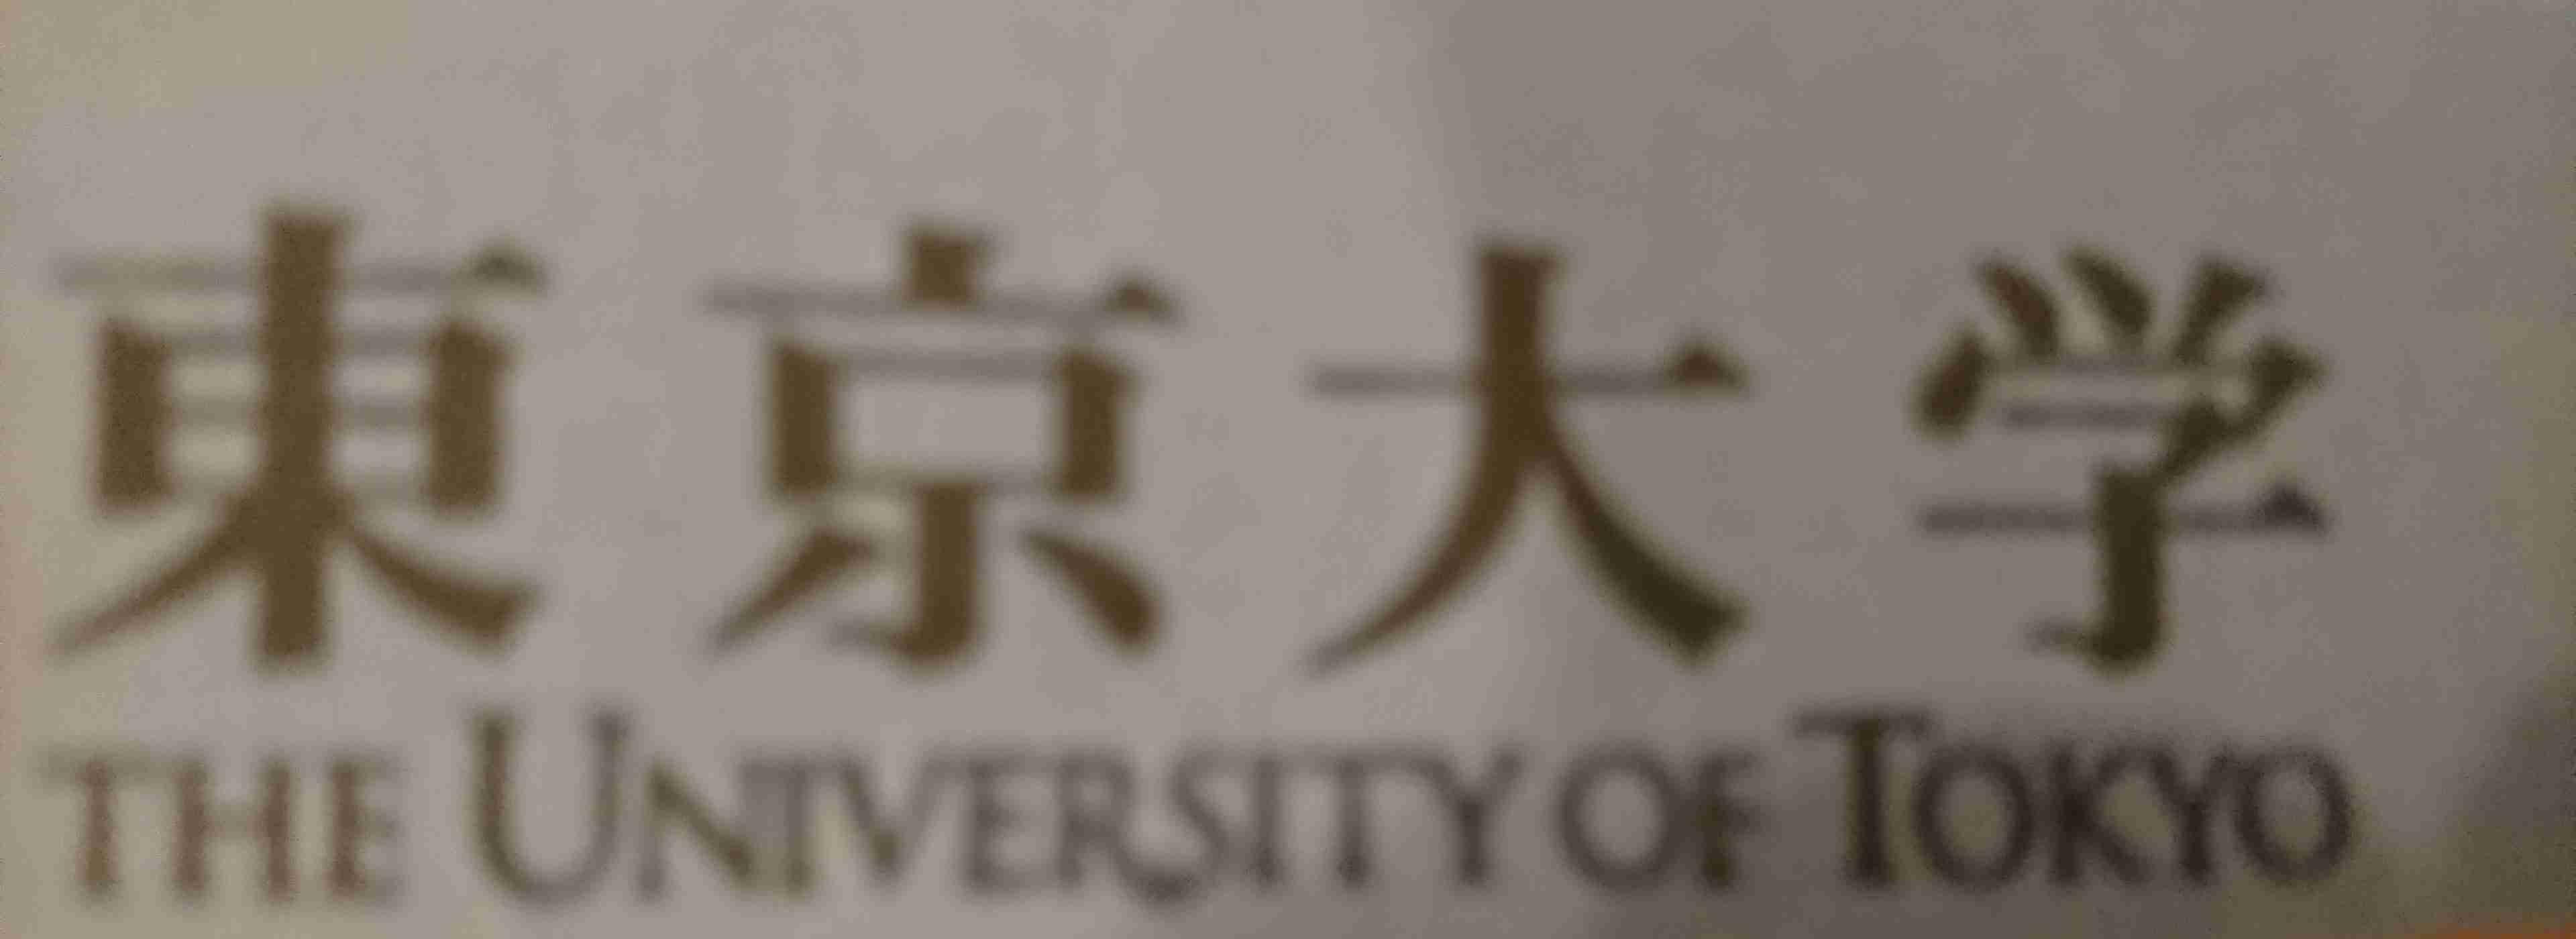 ロンブー田村淳、青学の個別学部入試2学部「不合格」- 残り2学部に望み託す